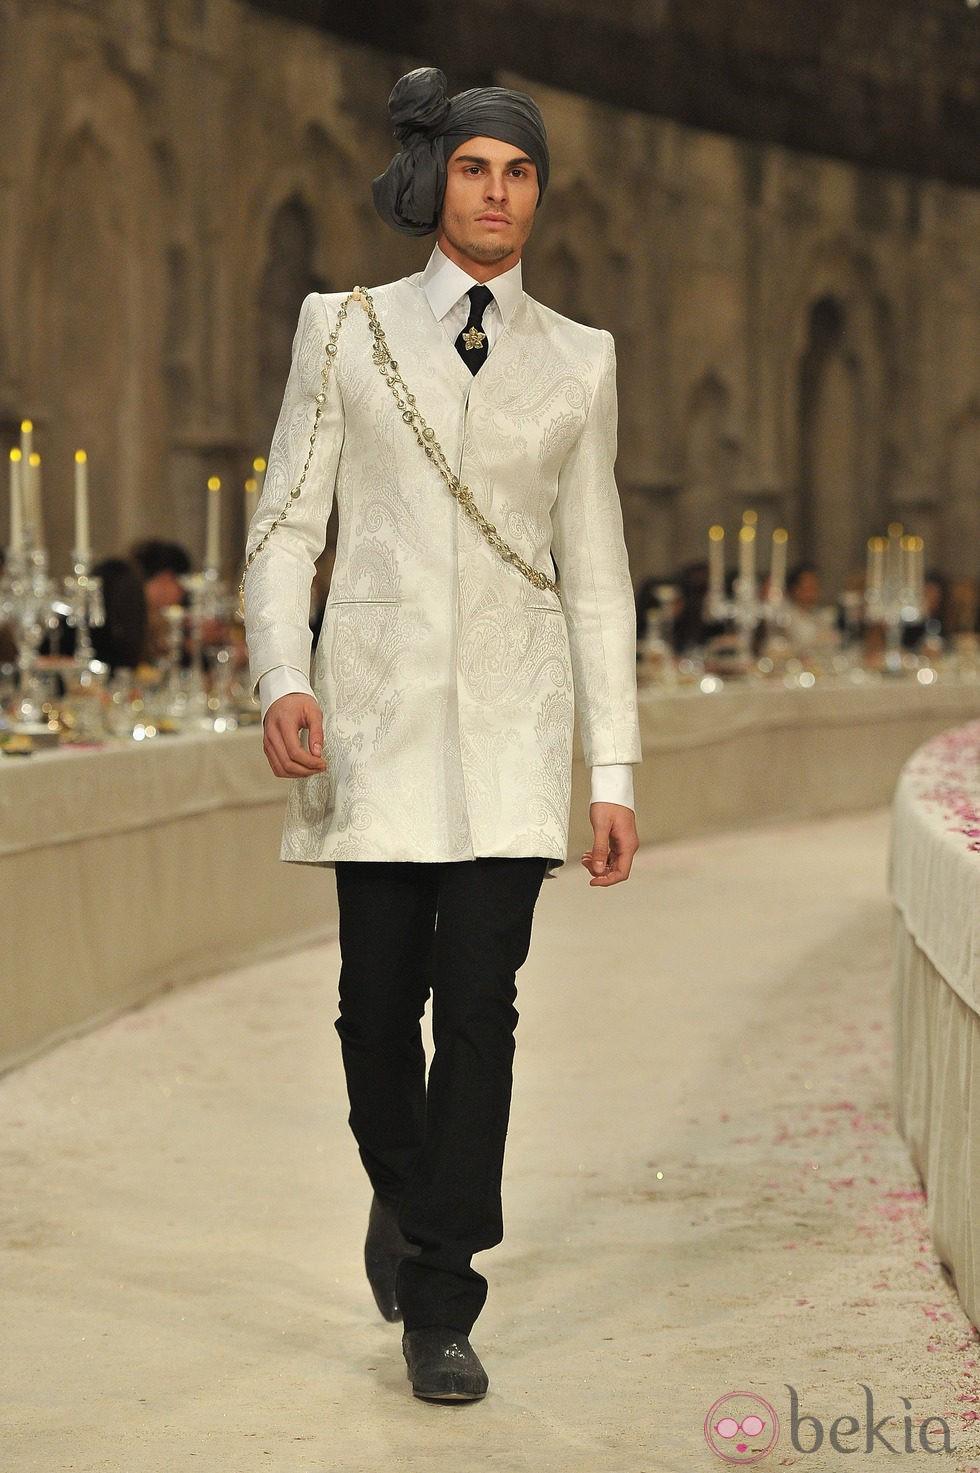 Modelo masculino con chaqueta tres cuartos en color hueso for Chaqueta tres cuartos